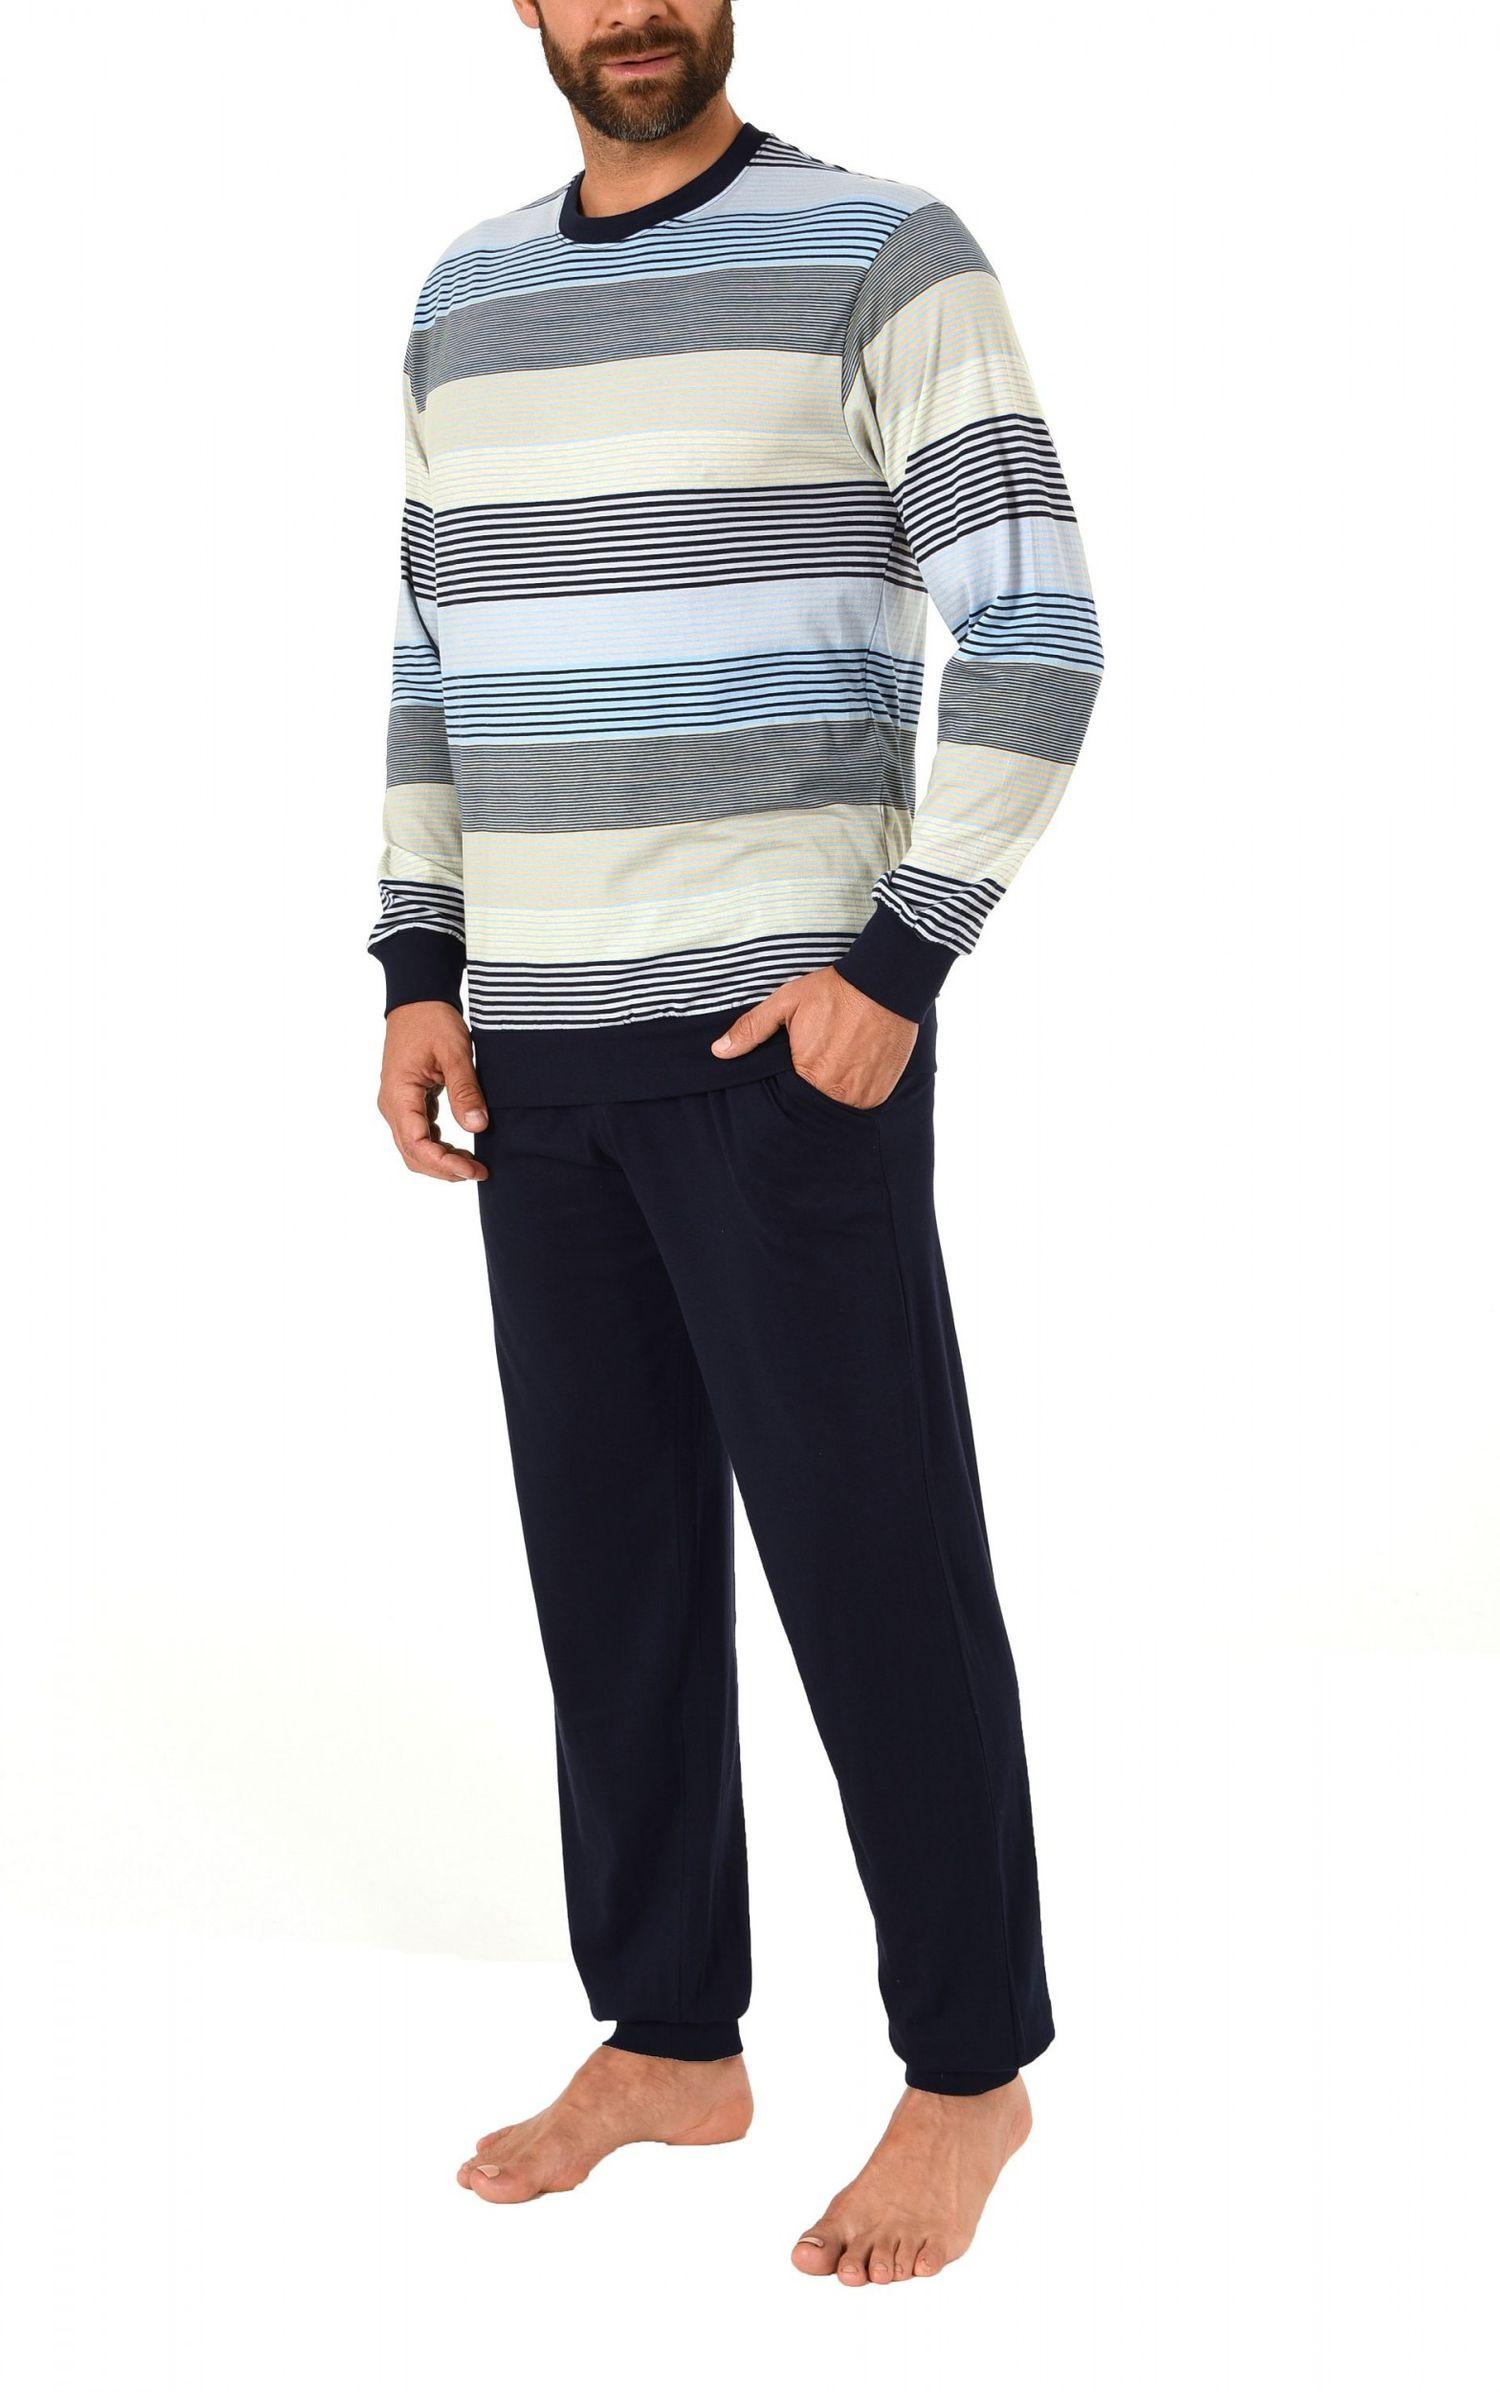 Eleganter Herren Pyjama Schlafanzug lang mit Bündchen – geringelt -  271 101 90 755 – Bild 3